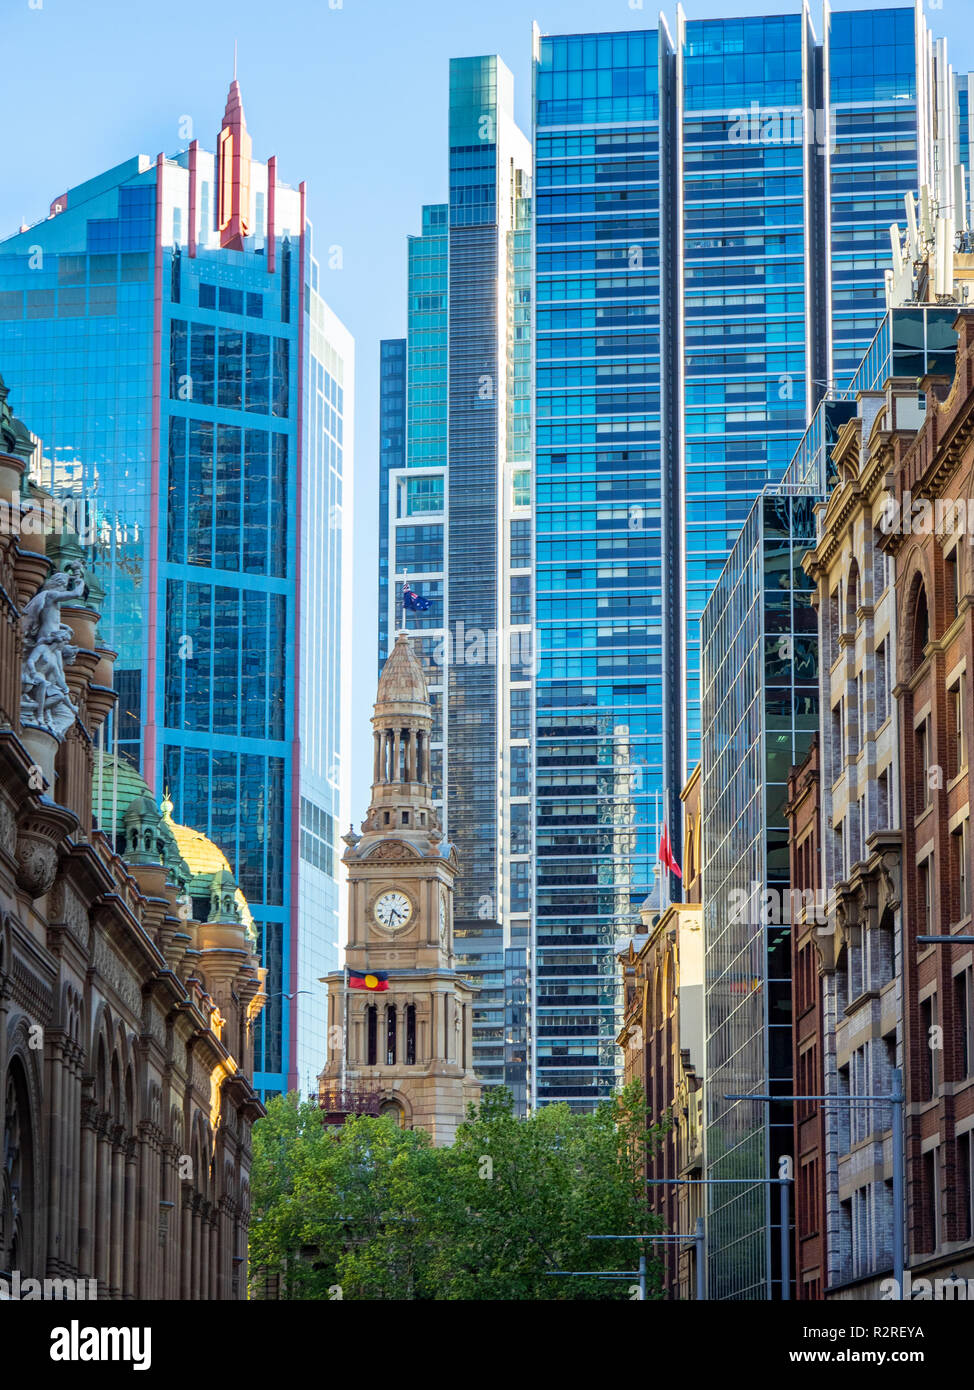 La torre dell'orologio di Sydney Town Hall e contrastanti gli stili architettonici di moderni e antichi edifici in Sydney NSW Australia. Immagini Stock